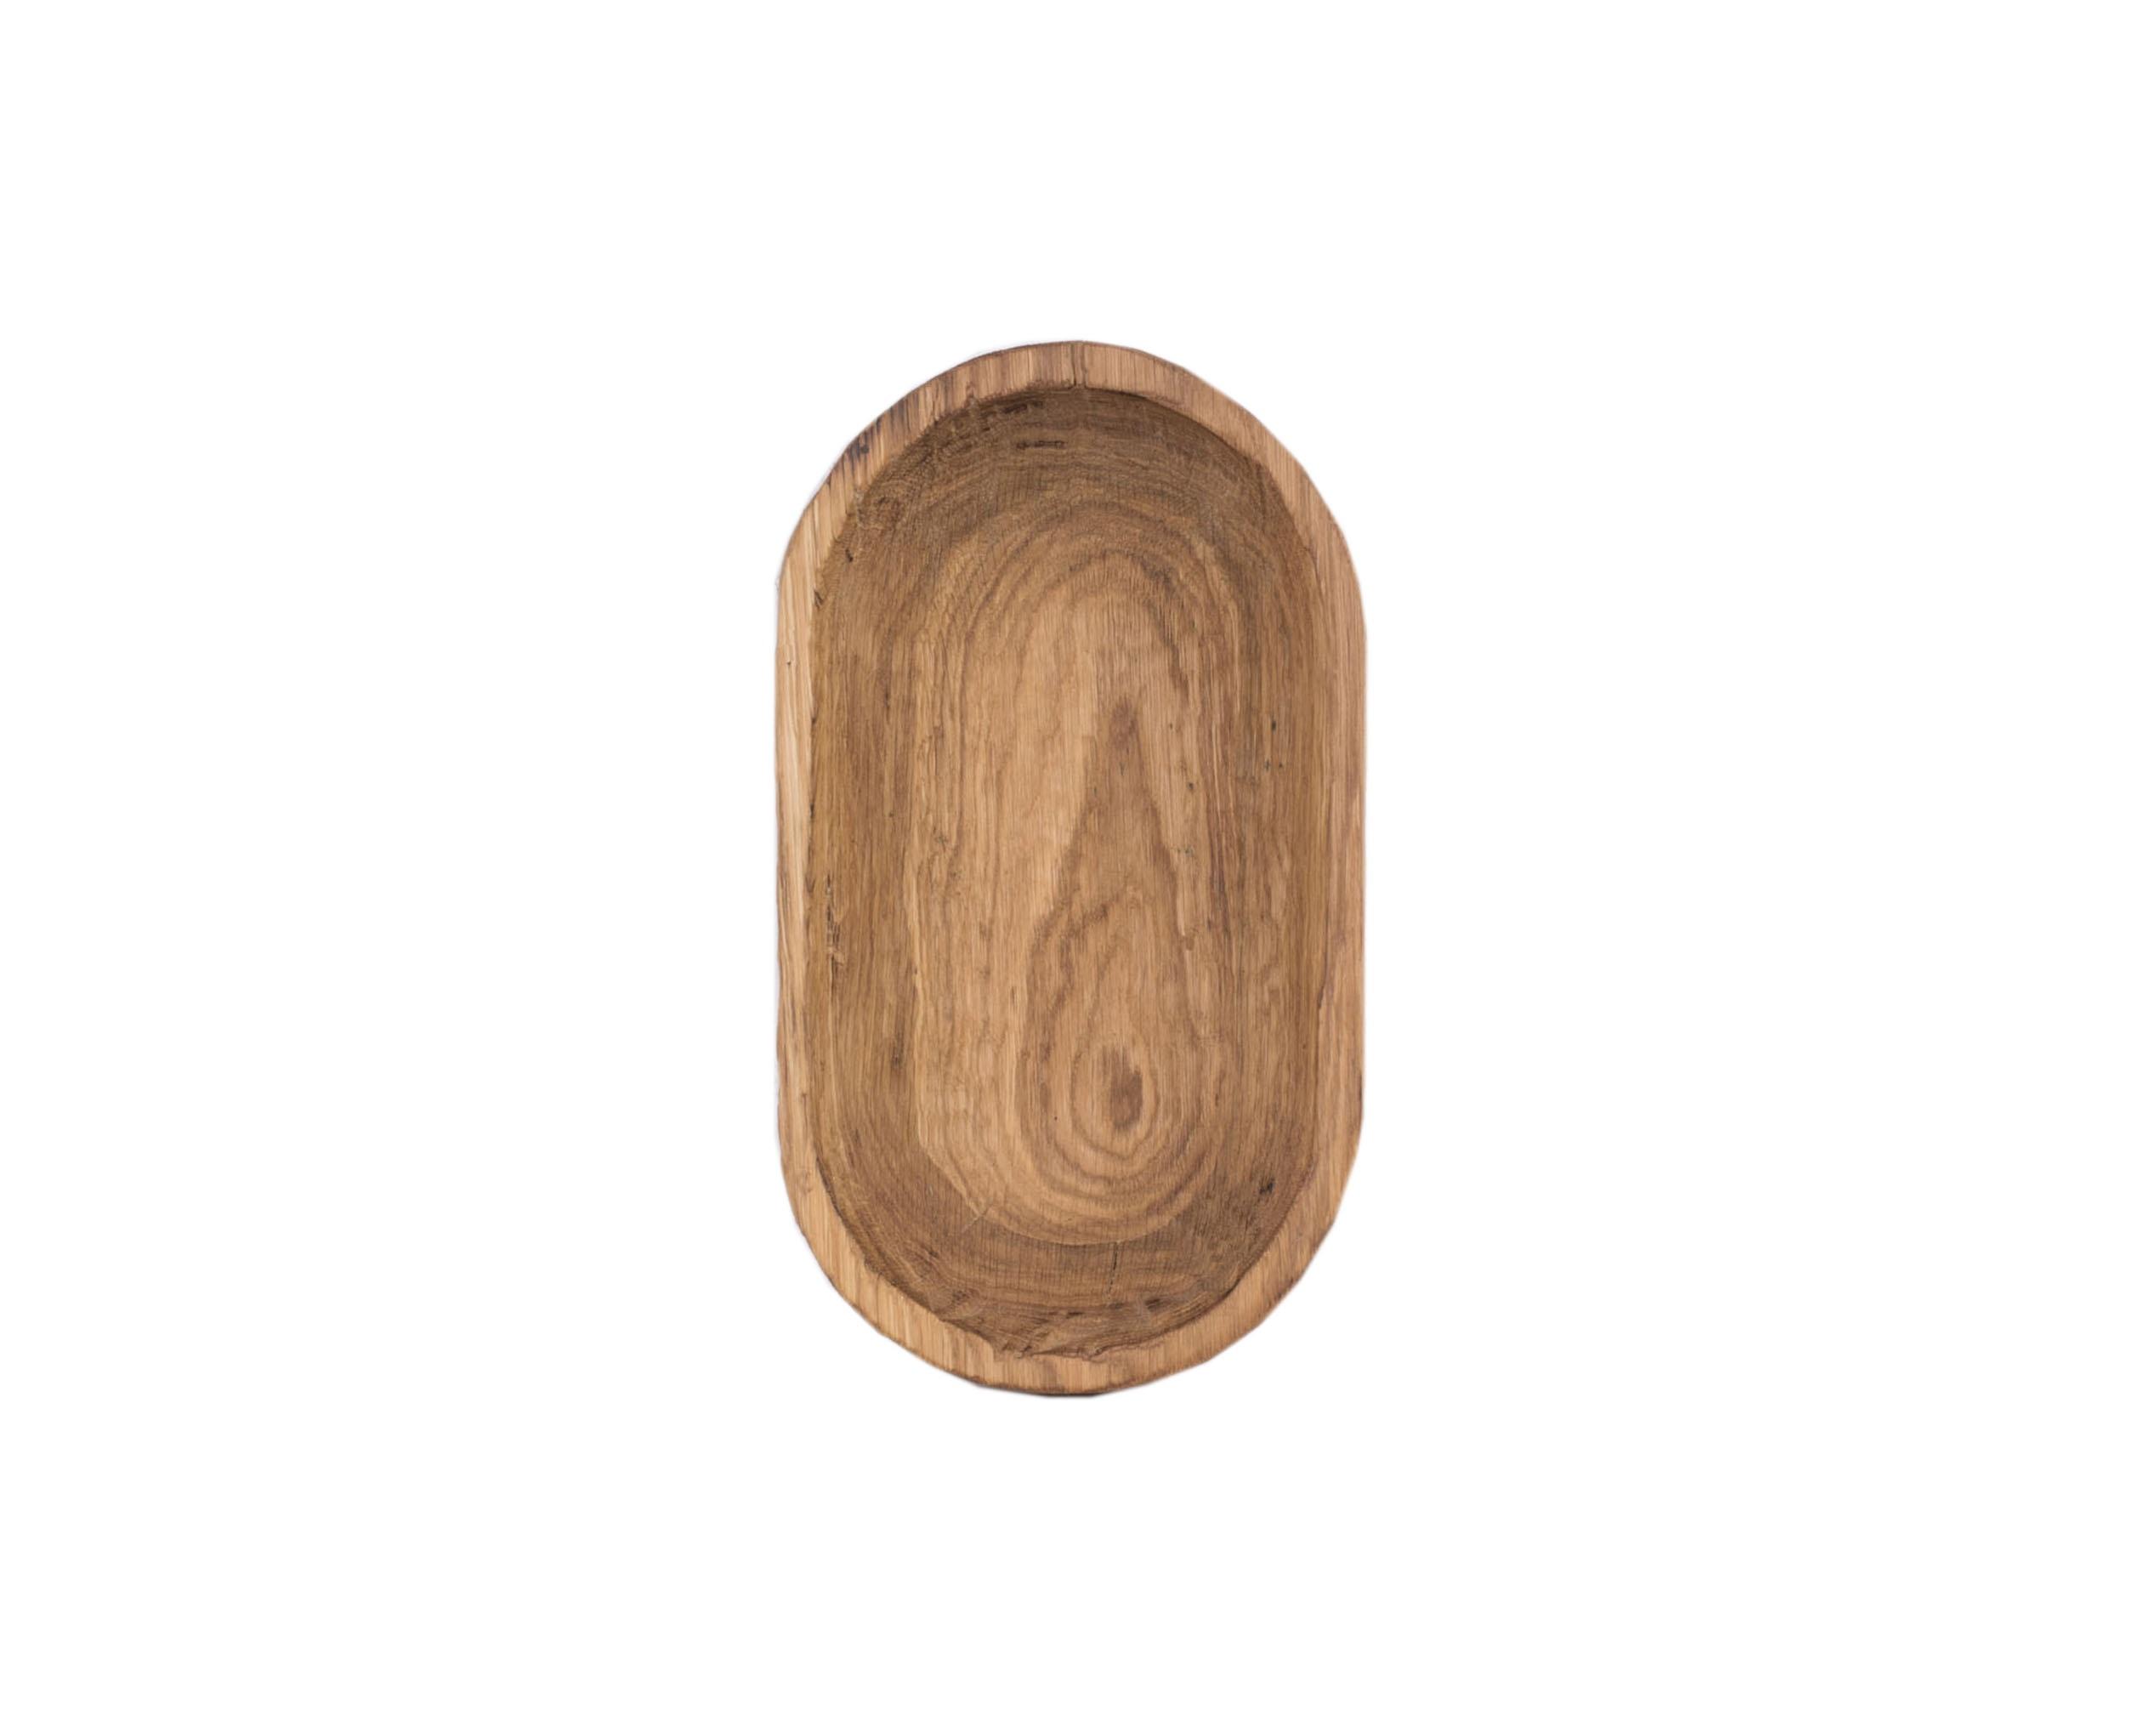 БлюдоДекоративные блюда<br>Покрытие: льняное масло. Сделано вручную. &amp;amp;nbsp;Красивые ненавязчивые фактуры, приятные неброские цвета, которые подойдут под любой стиль интерьера. При необходимости можно обновлять покрытие, протерев поверхность тканью, смоченной растительным маслом.<br><br>Material: Дуб<br>Length см: None<br>Width см: 40<br>Depth см: 26<br>Height см: 5